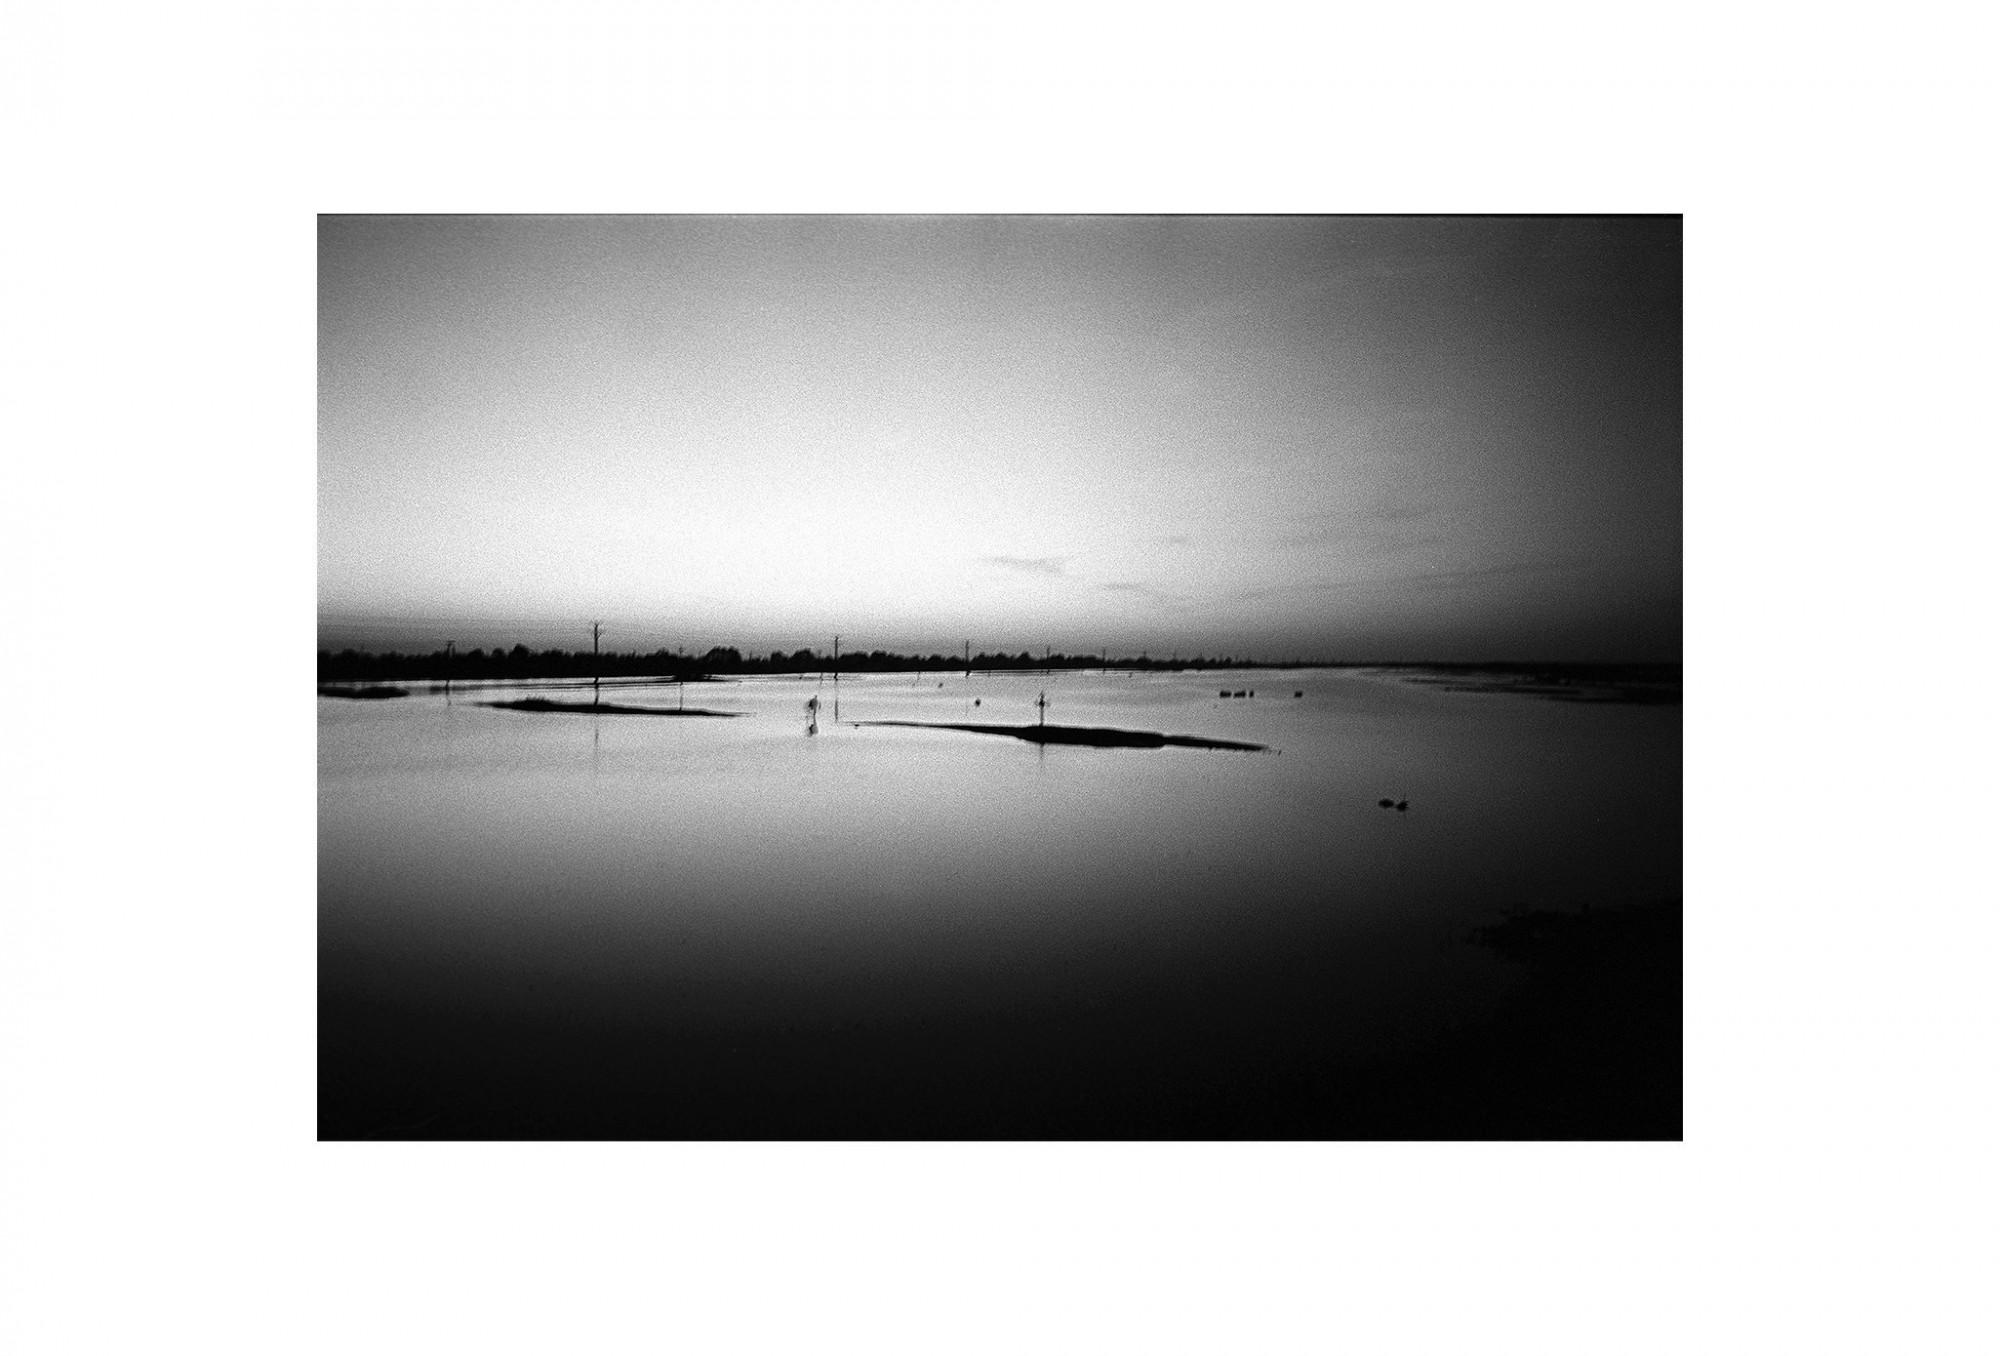 Afbeelding: Fotokunst Dominique Van Huffel, uit de reeks: Waar de sterre bleef stille staan. Donau delta man, Roemenië.